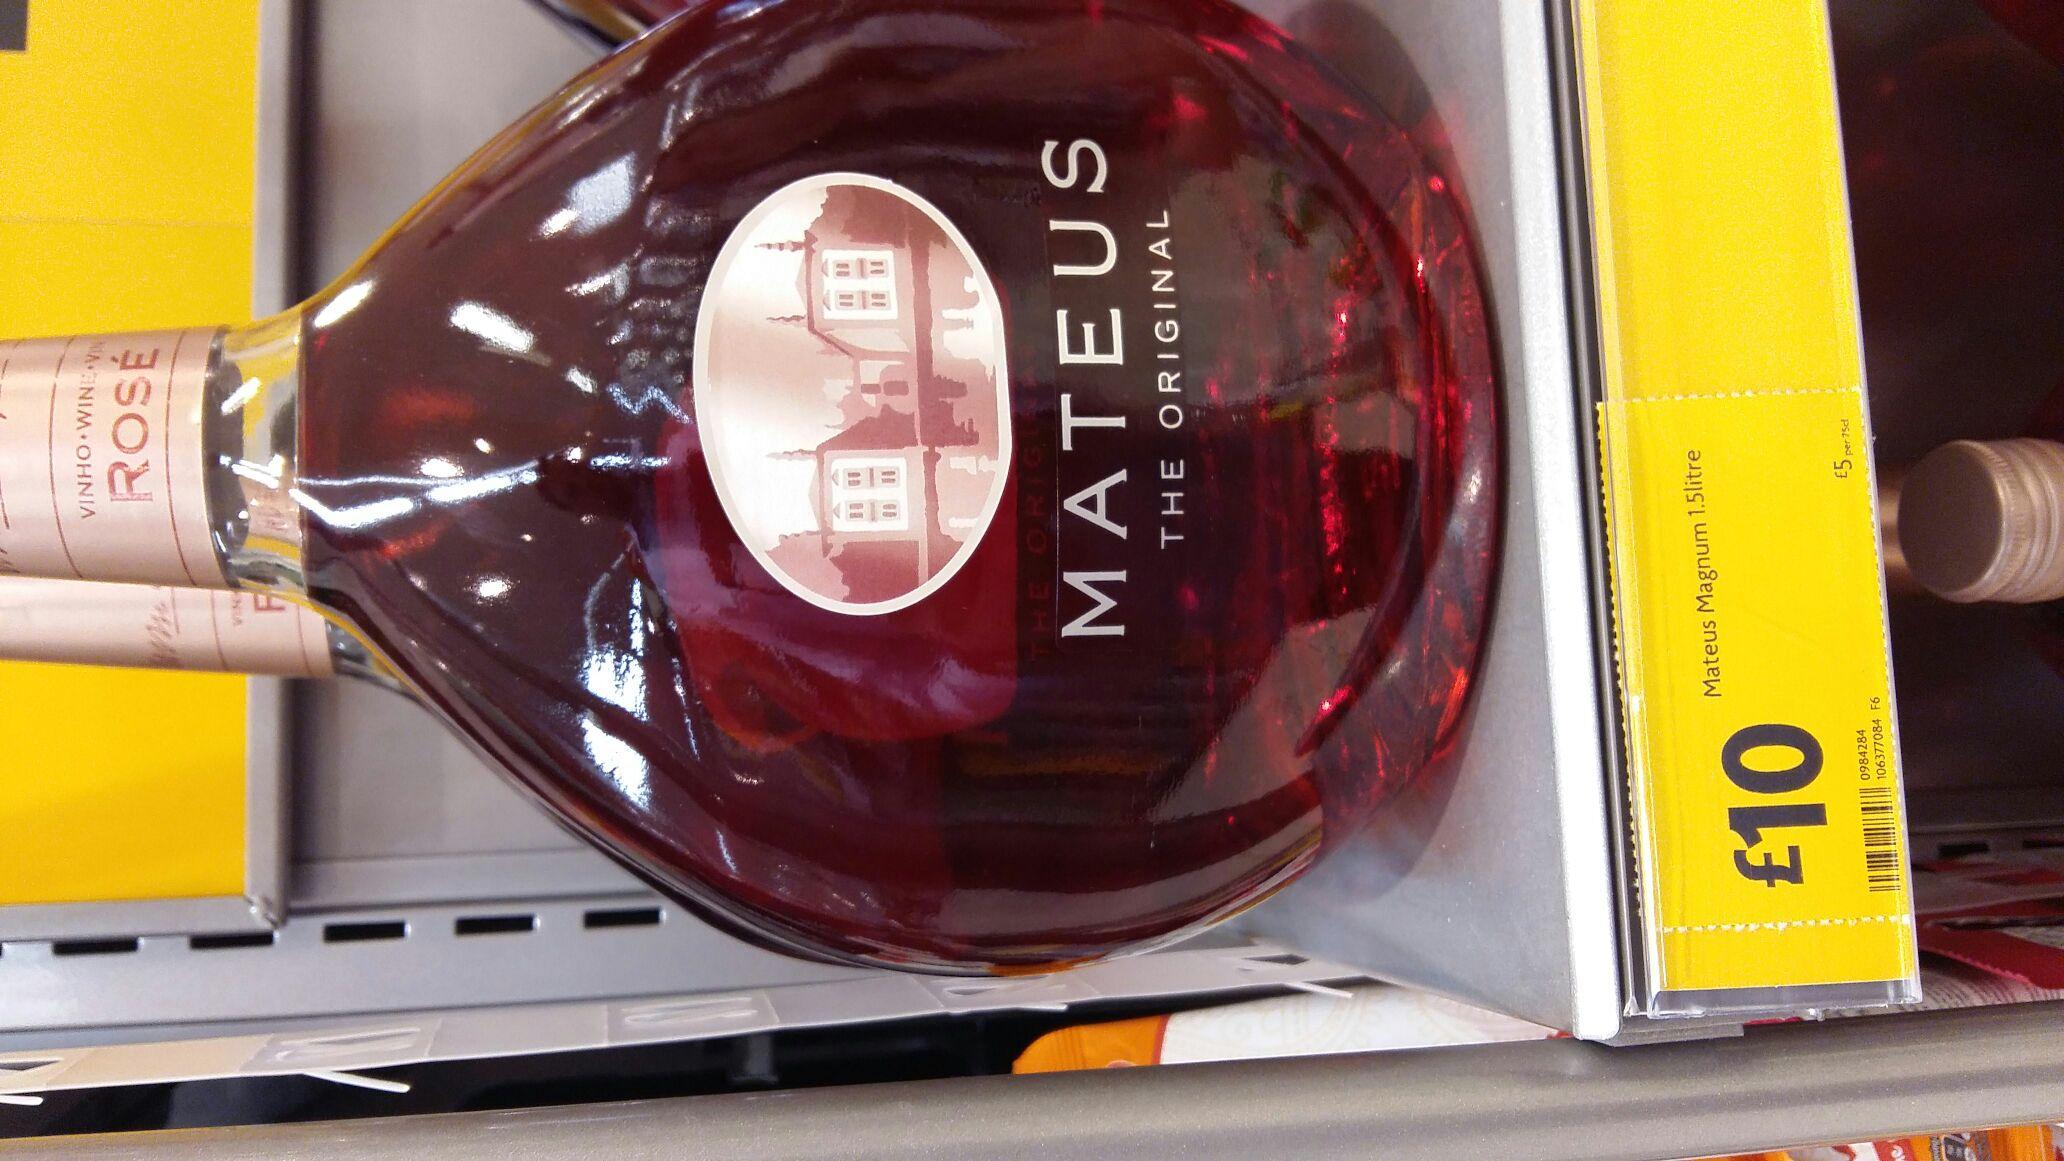 Mateus wine £10 at Morrisons Doxford Park Sunderland SR3 2ND